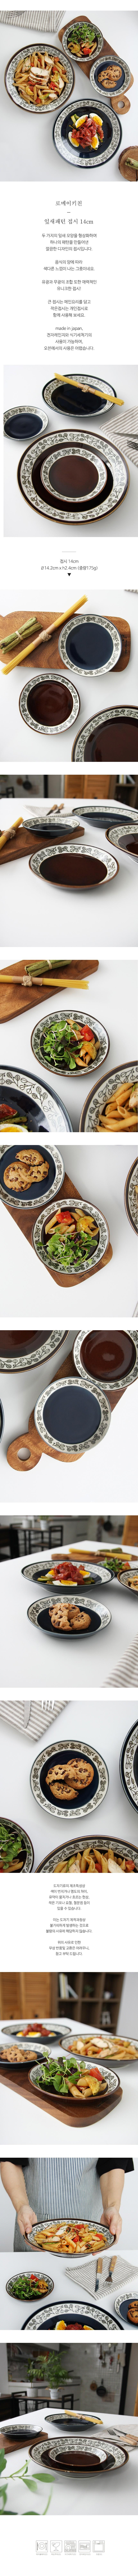 입새패턴 접시 14cm - 로메이키친A, 5,800원, 접시/찬기, 접시